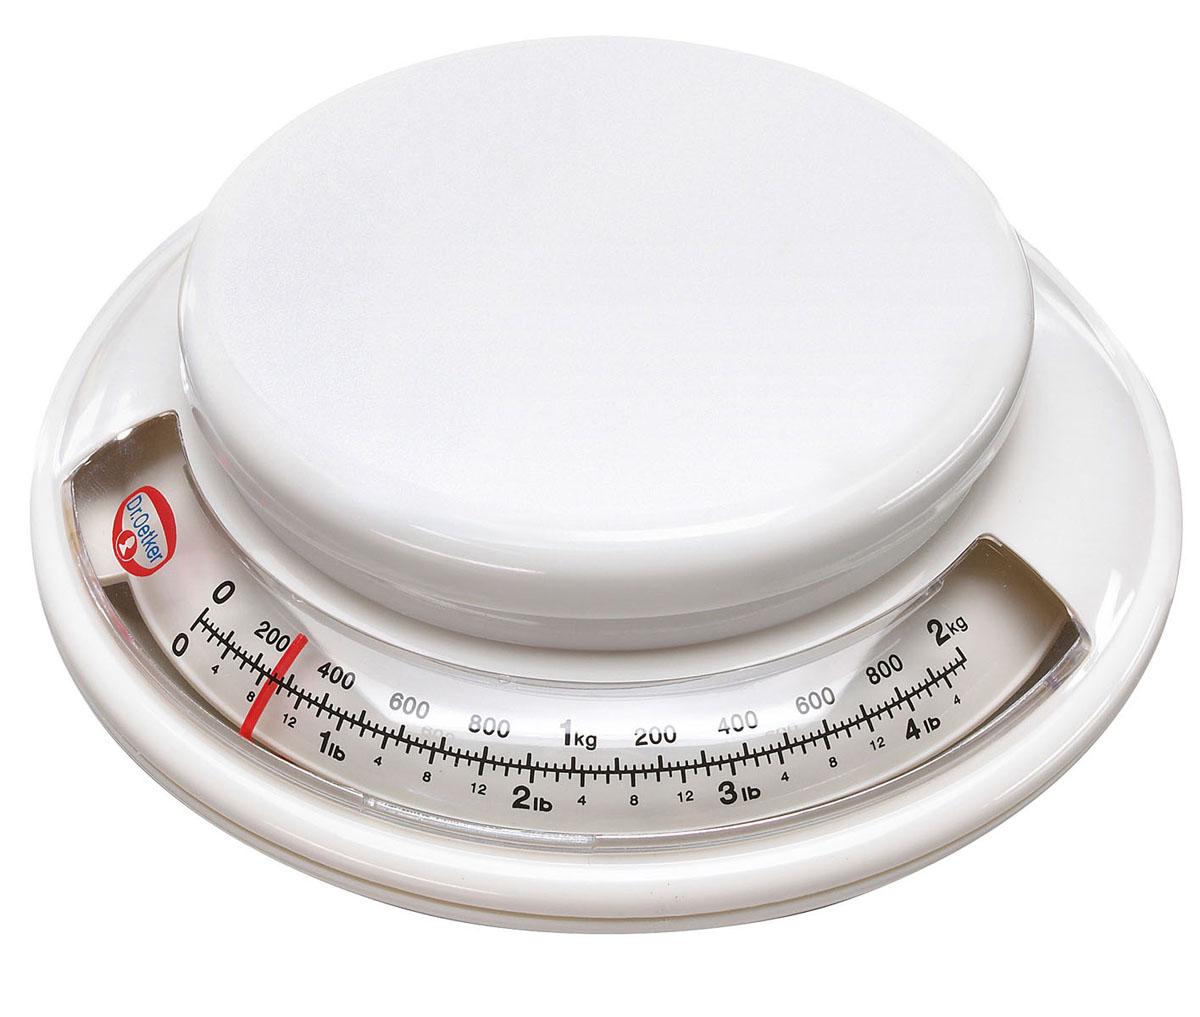 Весы кухонные Dr.Oetker Analoge Backwaage, цвет: белый, до 2 кг1531Механические кухонные весы Dr.Oetker Analoge Backwaage придутся по душе каждой хозяйке и станут незаменимым аксессуаром на кухне. Корпус весов выполнен из пластика. Весы выдерживают до 2 килограммов. С помощью таких механических весов можно точно контролировать пропорции ингредиентов. Диаметр платформы: 12 см.